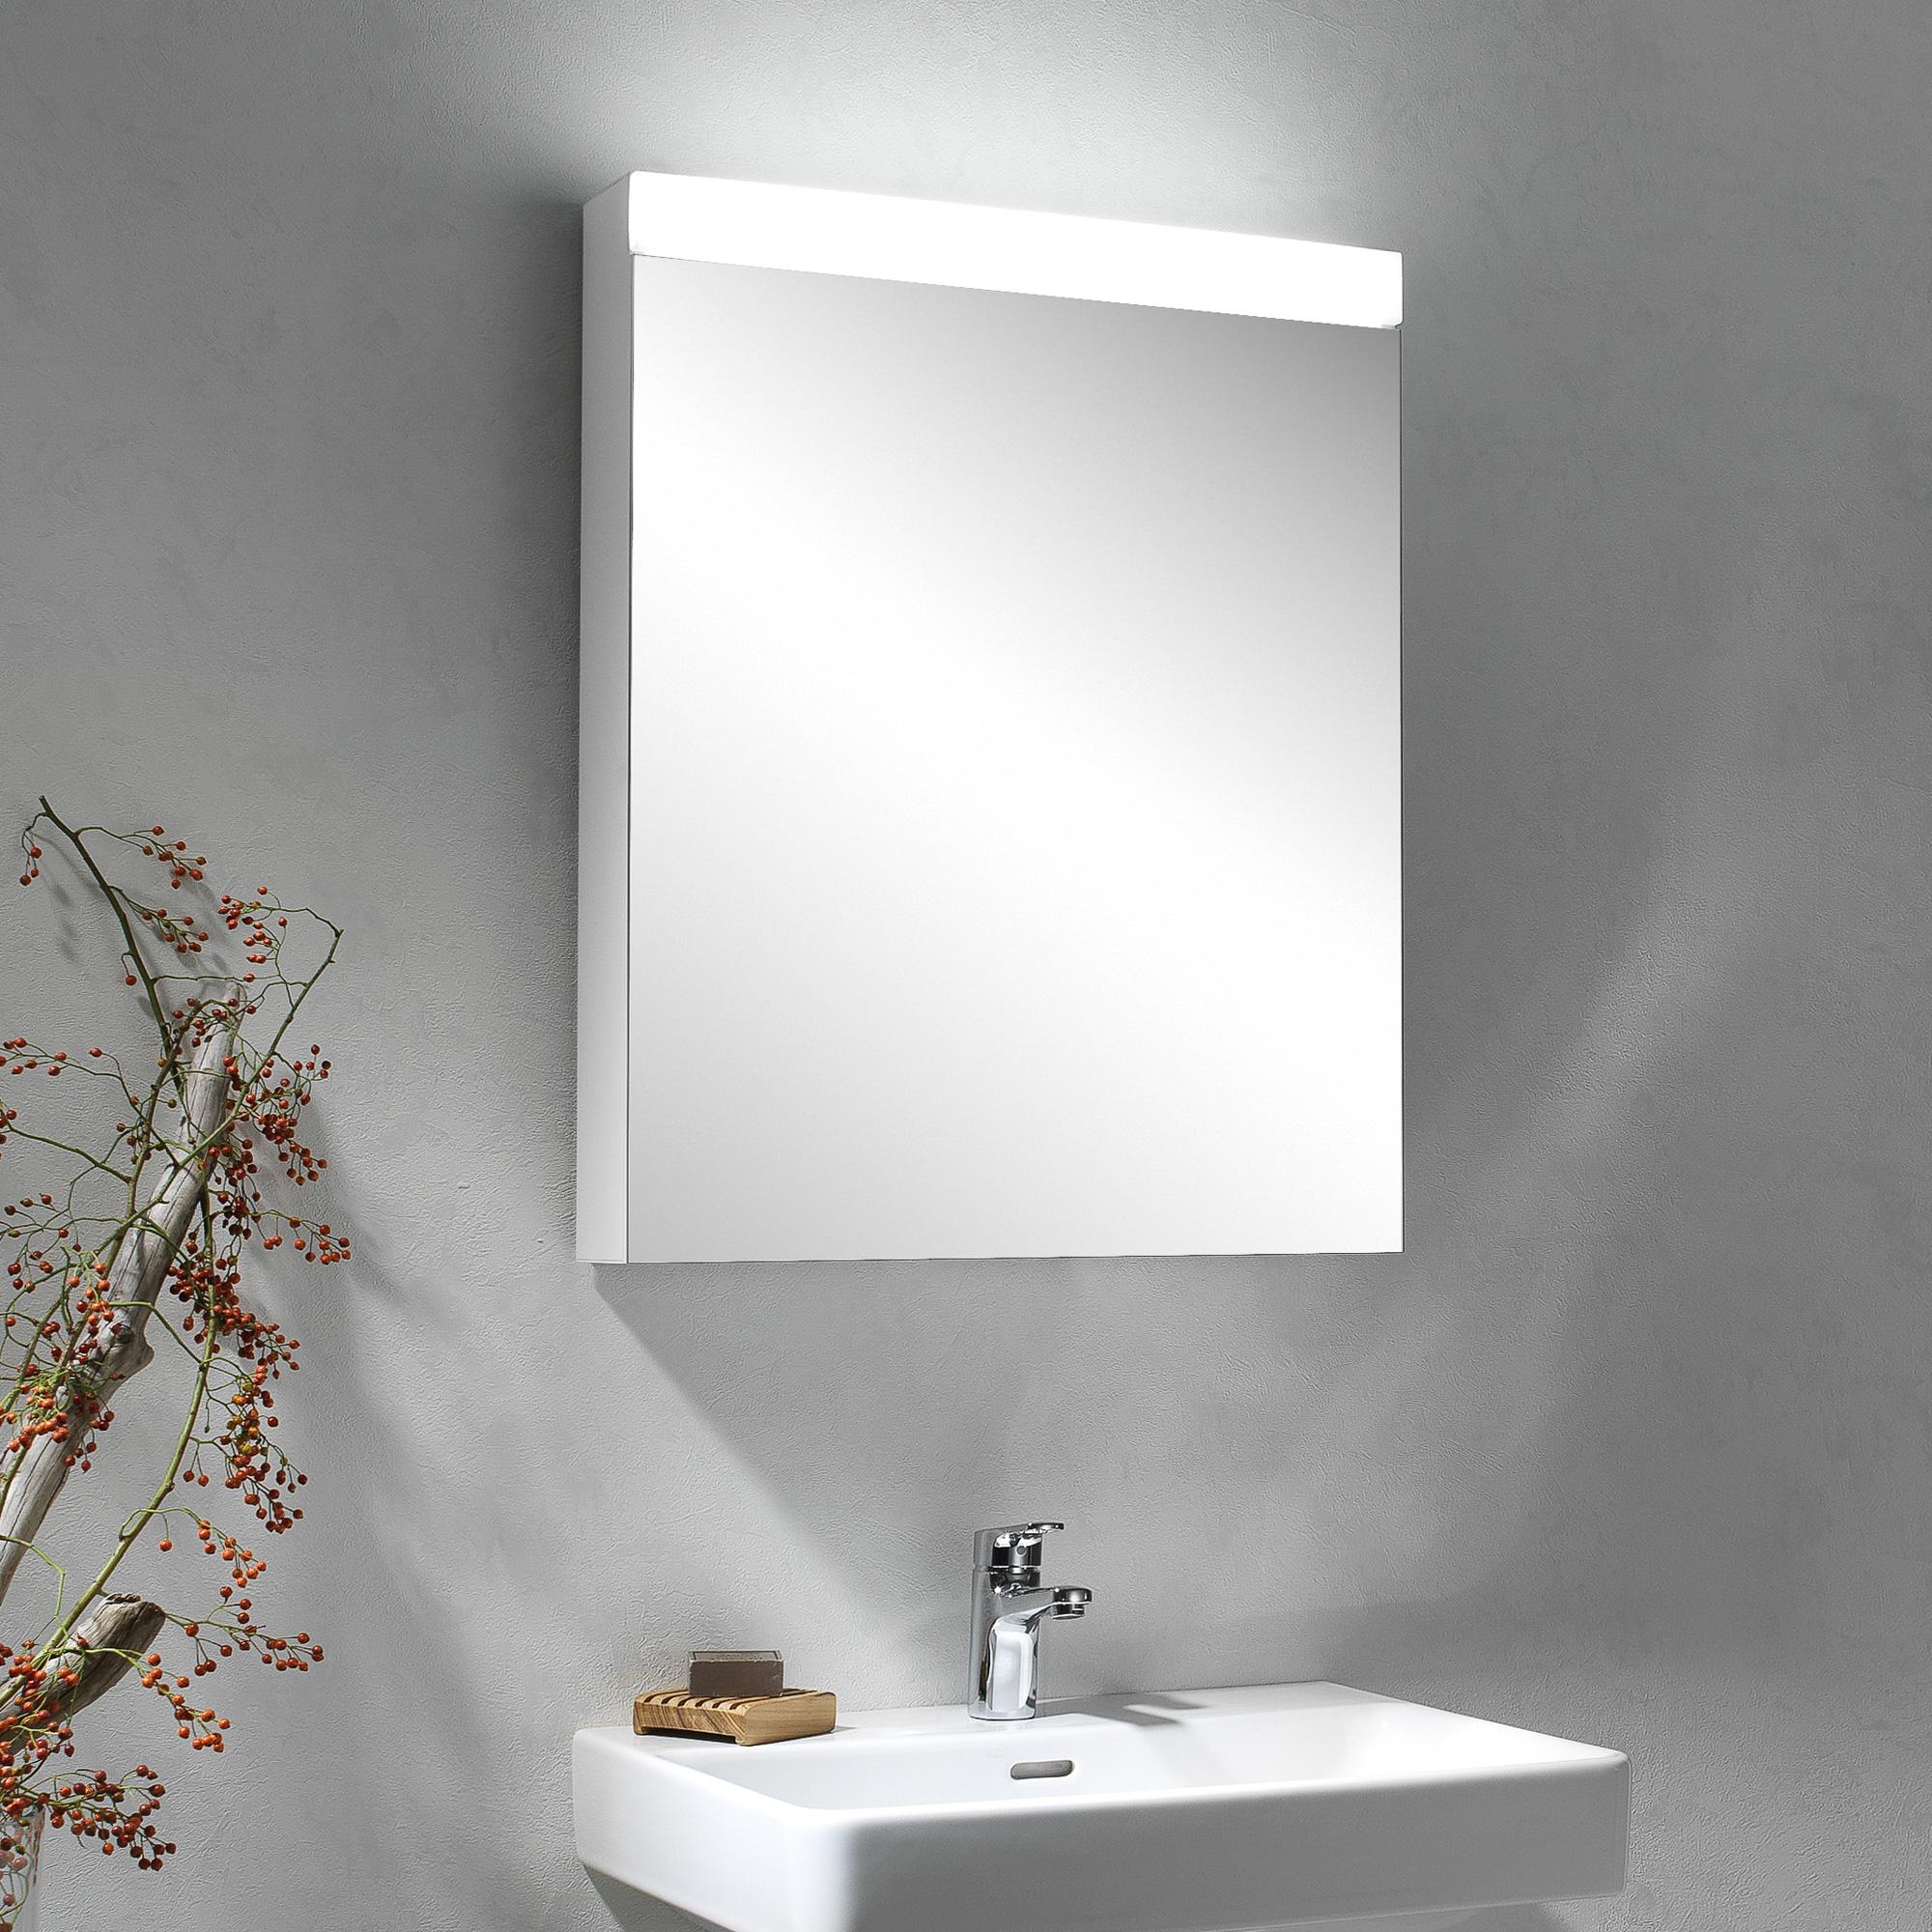 Schneider pataline spiegelschrank b 60 h 70 t 12 cm mit 1 t r reuter - Spiegelschrank 12 cm tief ...